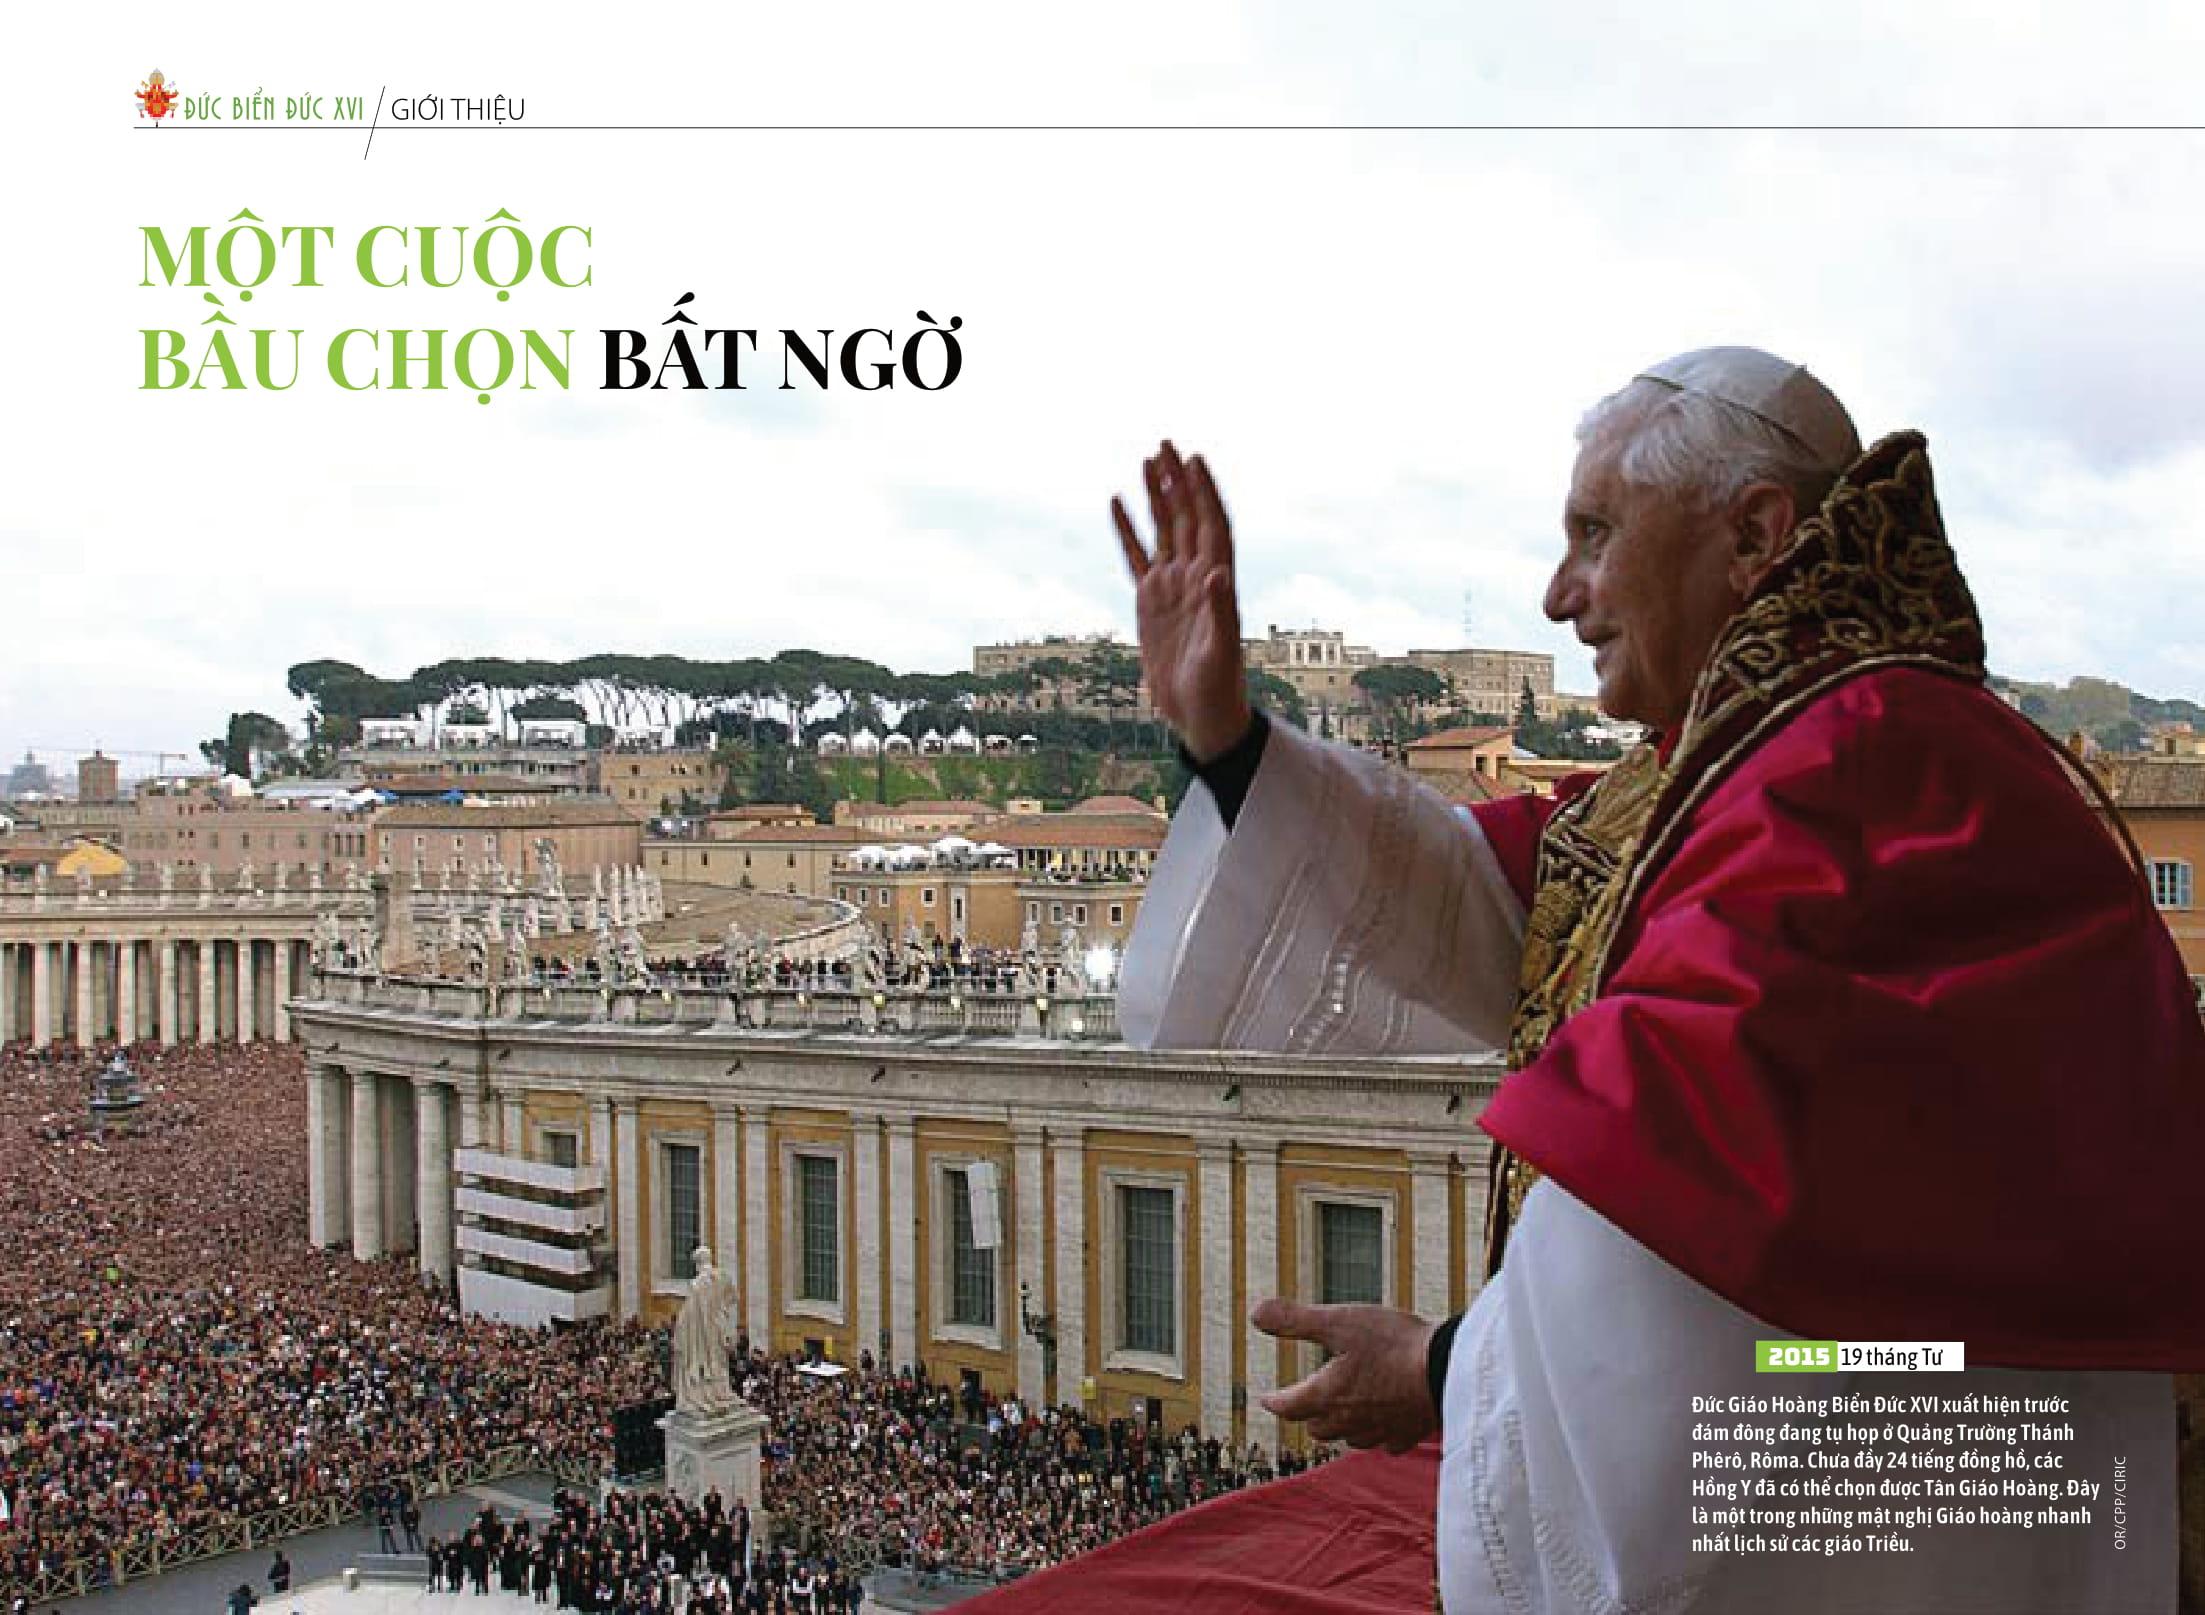 ĐỨC GIÁO HOÀNG BIỂN ĐỨC XVI - RẤT KHIÊM NHU RẤT VĨ ĐẠI